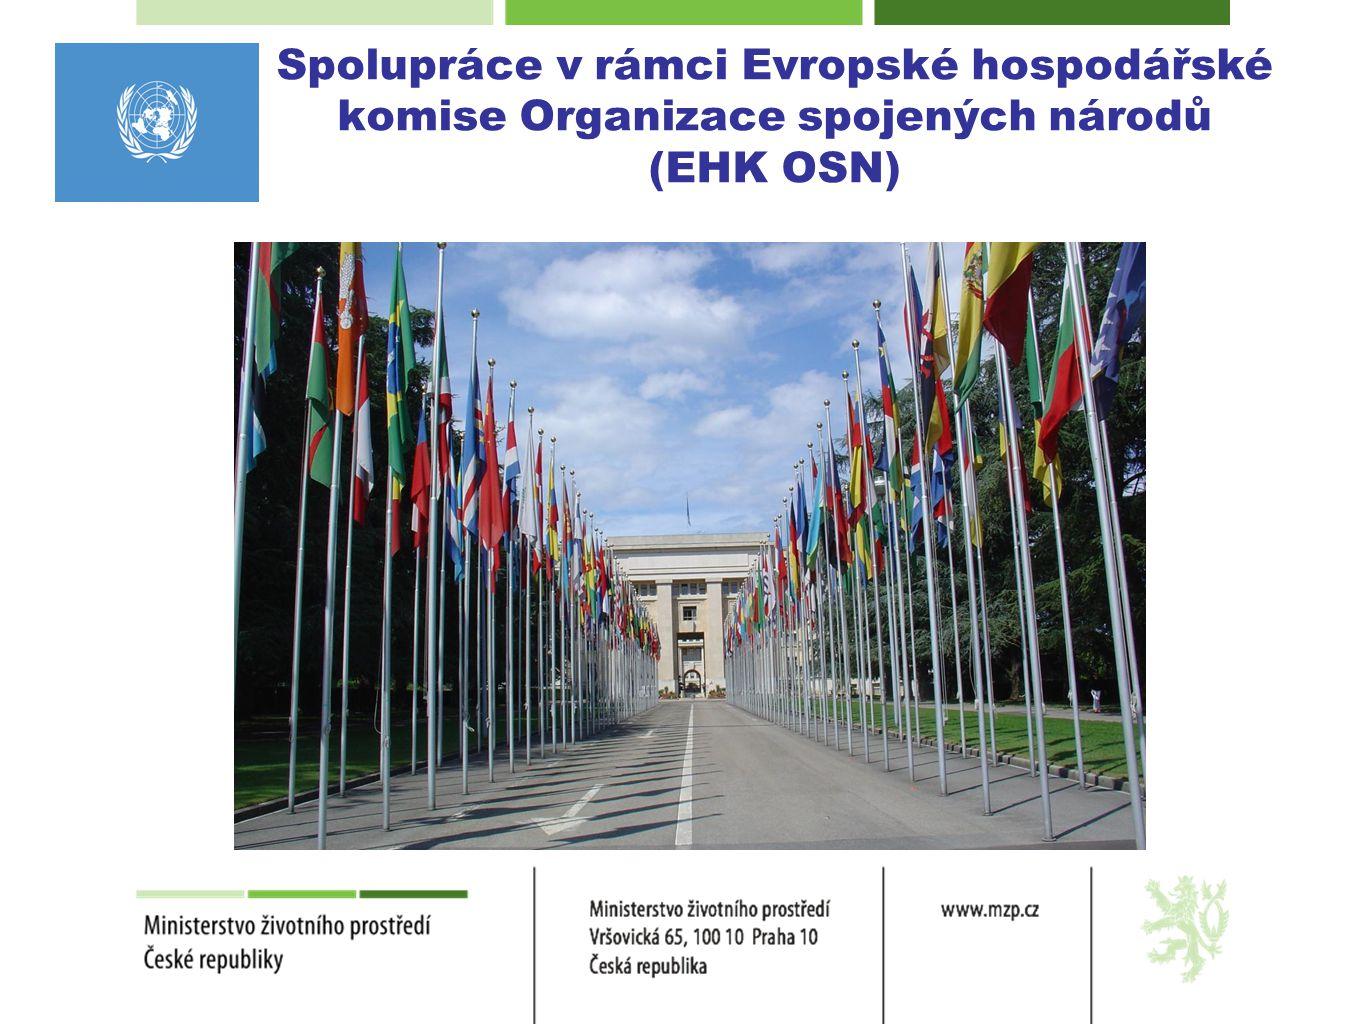 Spolupráce v rámci EHK OSN  Úmluva o ochraně a využívání hraničních vodních toků a mezinárodních jezer - Úmluva o vodách  Protokol o vodě a zdraví k Úmluvě o vodách  Smluvní strany k oběma dokumentům jsou z oblasti EHK OSN  Připravuje se dodatek k Úmluvě o vodách a k Protokolu o vodě a zdraví, podle kterých také státy mimo region EHK OSN mohou k Úmluvě o vodách přistoupit.